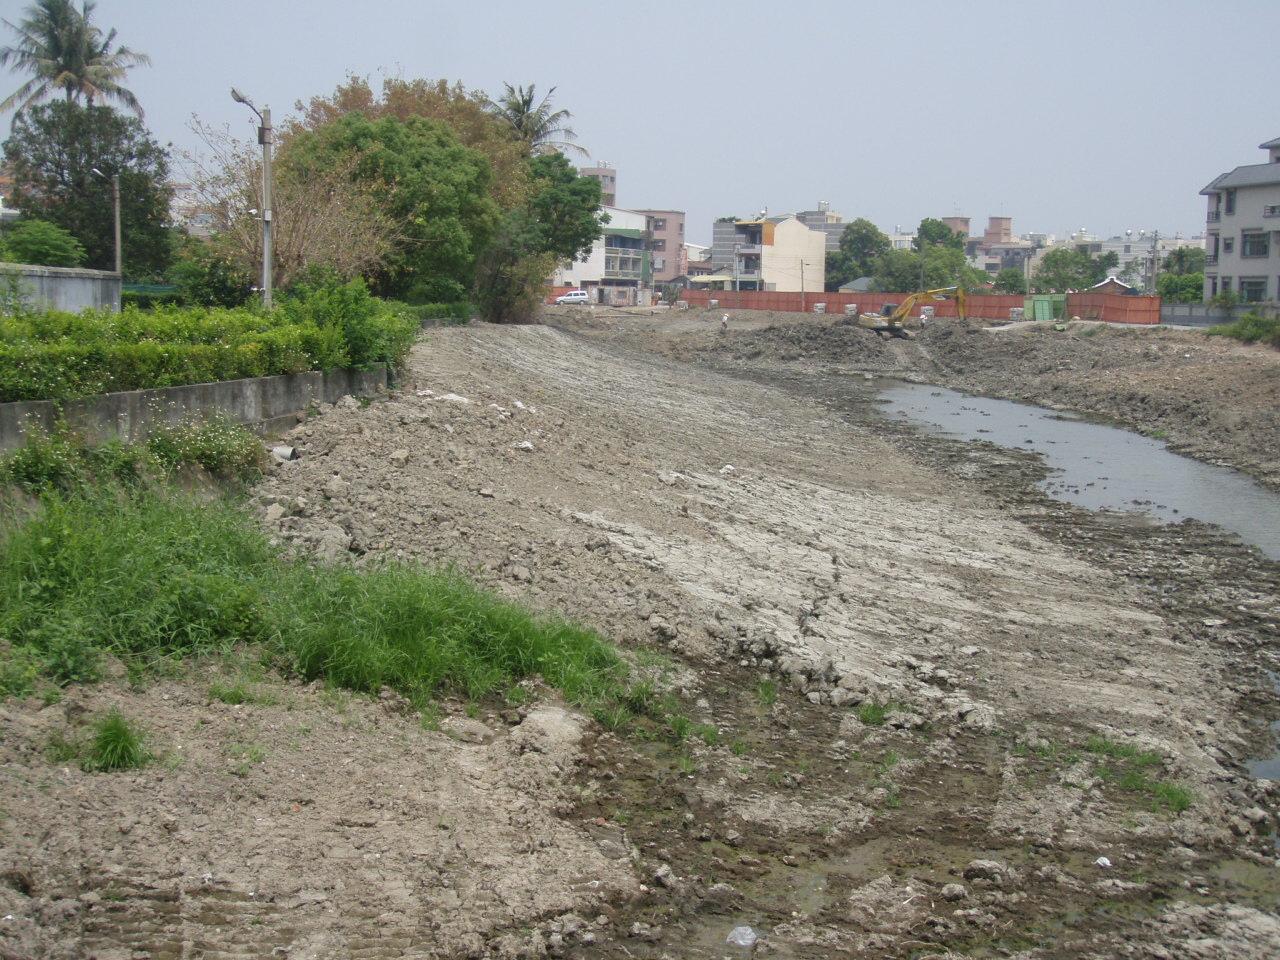 月津港公園建設已10年前,當時即採以抽乾水池方式施做(圖為民國97年施工情況)